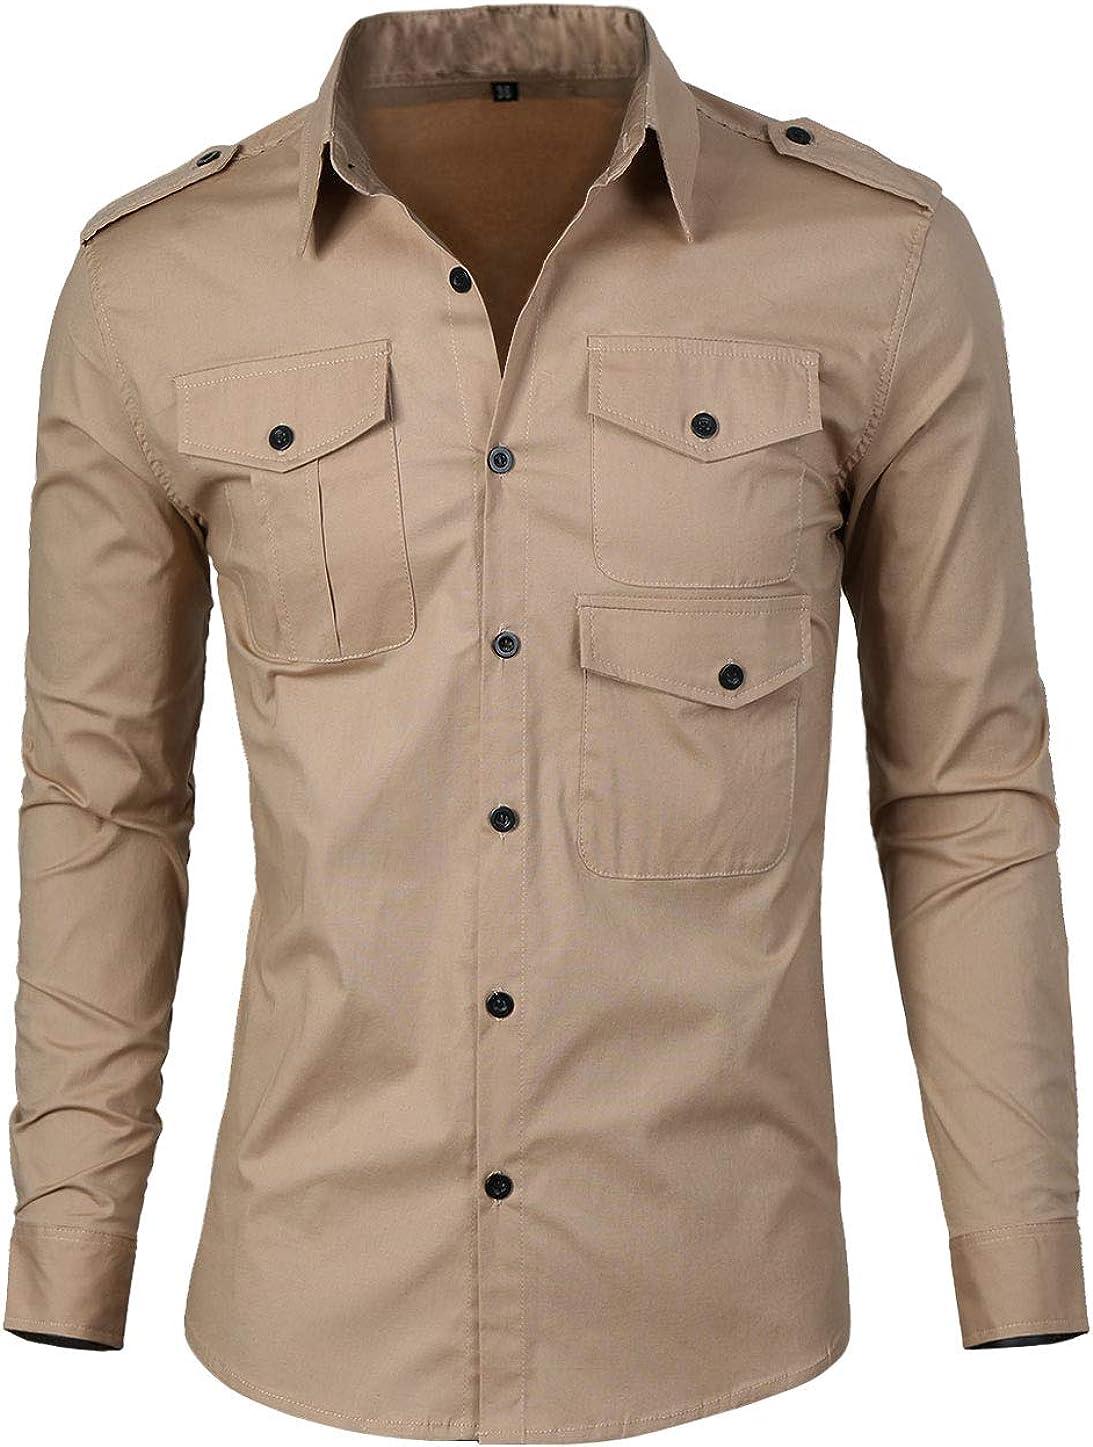 uxcell Camisa para Hombre Elegante diseño Hombrera Botón-Lengueta Ajustado - Caqui/M (US 38), M (EU 48): Amazon.es: Ropa y accesorios